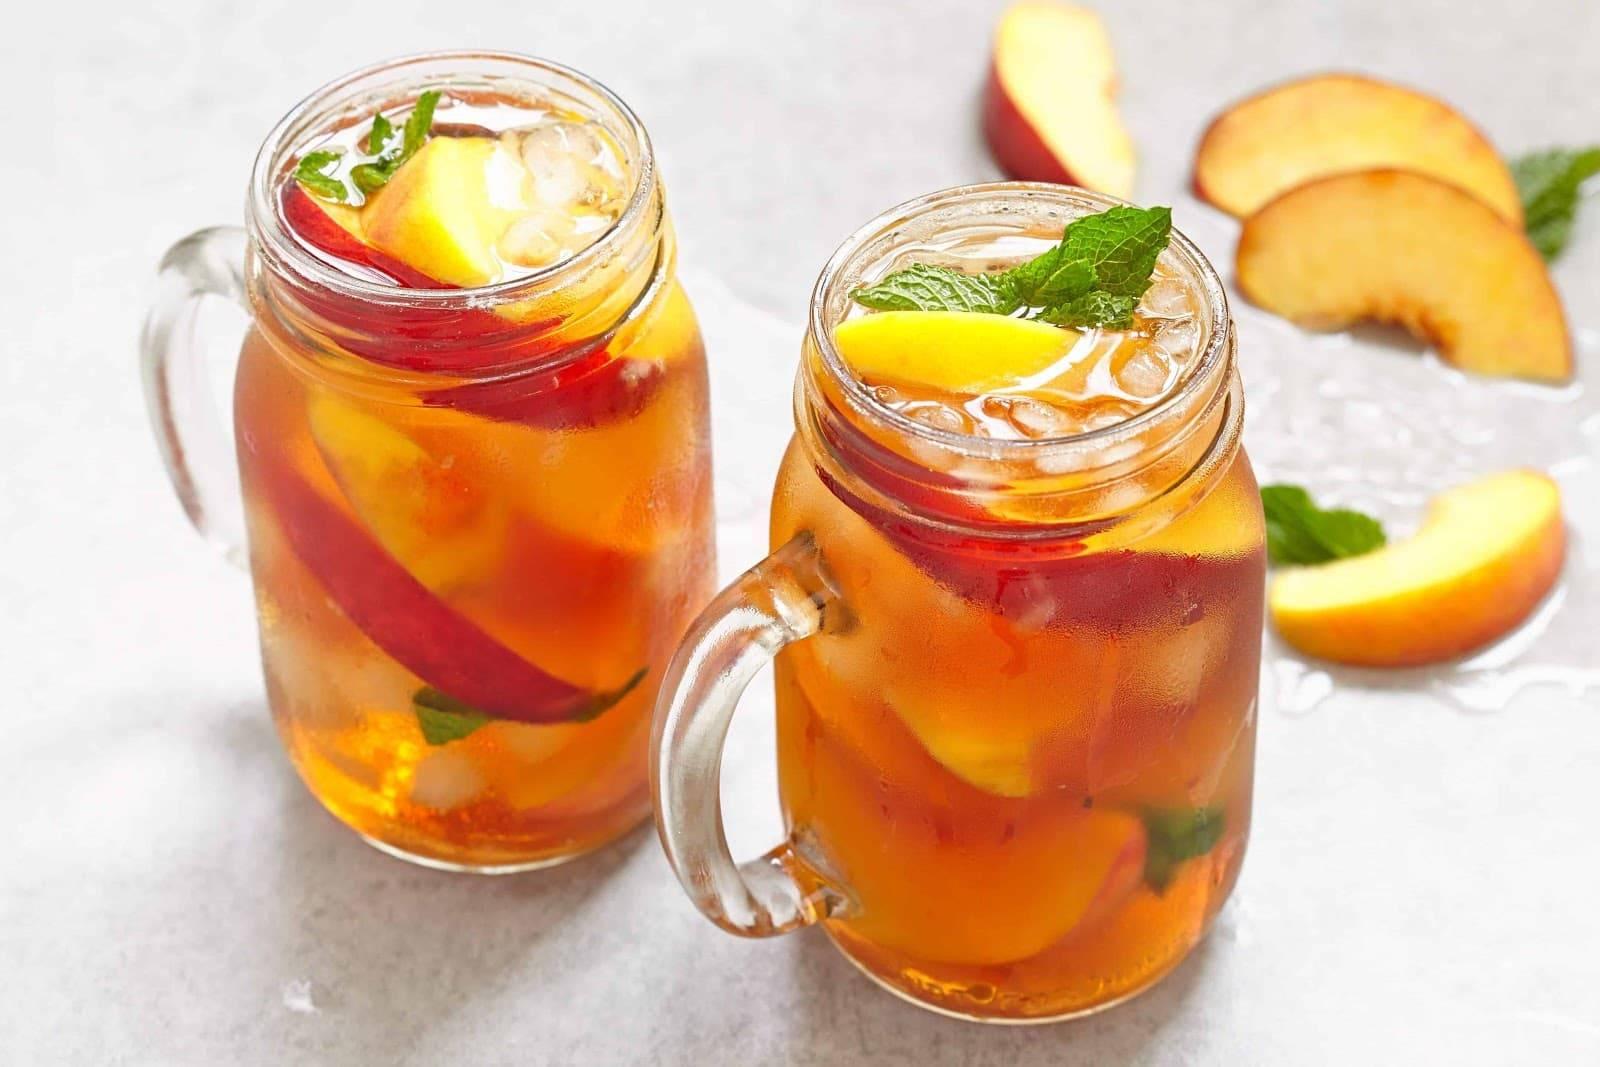 Домашний холодный чай: в чем преимущества и как приготовить